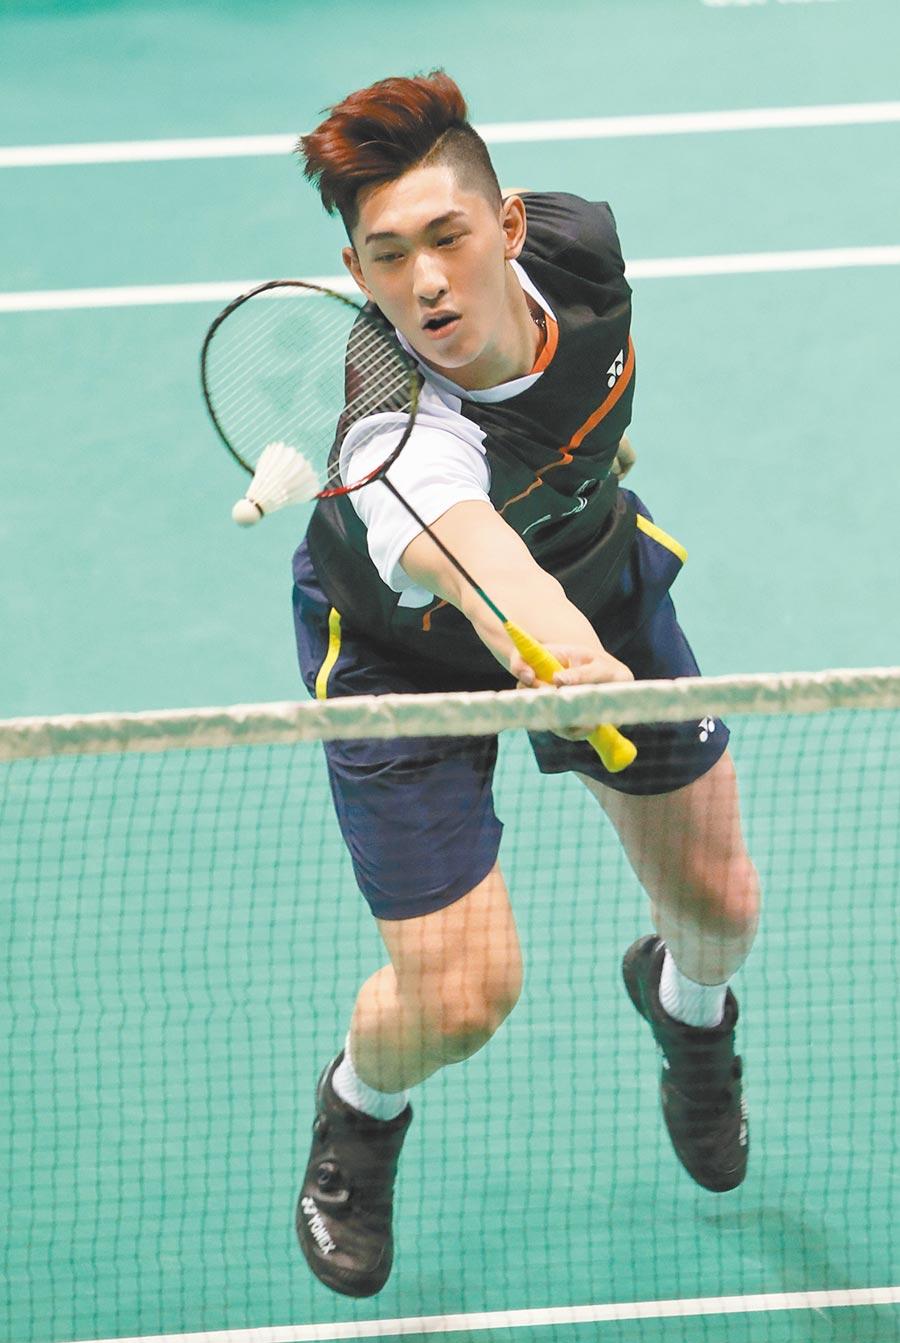 土地銀行好手陳子睿,此次在全國羽球團體錦標賽初登板。(鄭任南攝)